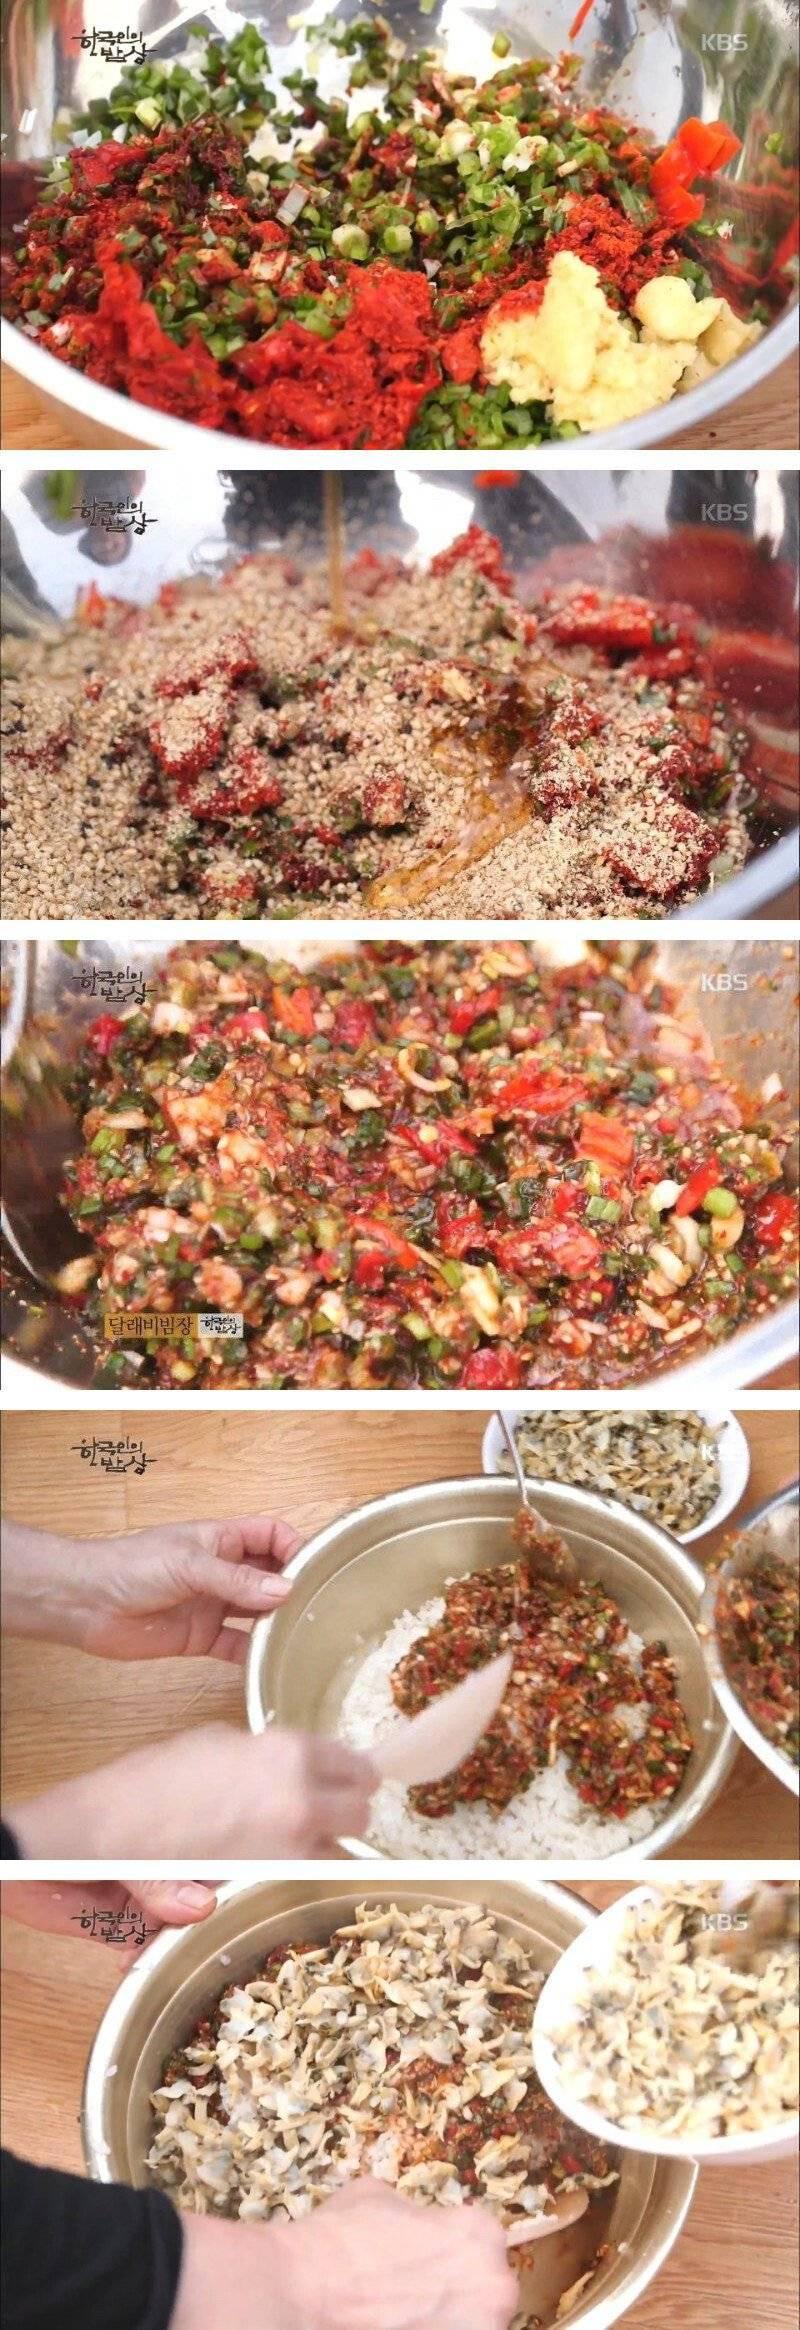 바지락 달래 비빔밥 한국인의 밥상 | 인스티즈